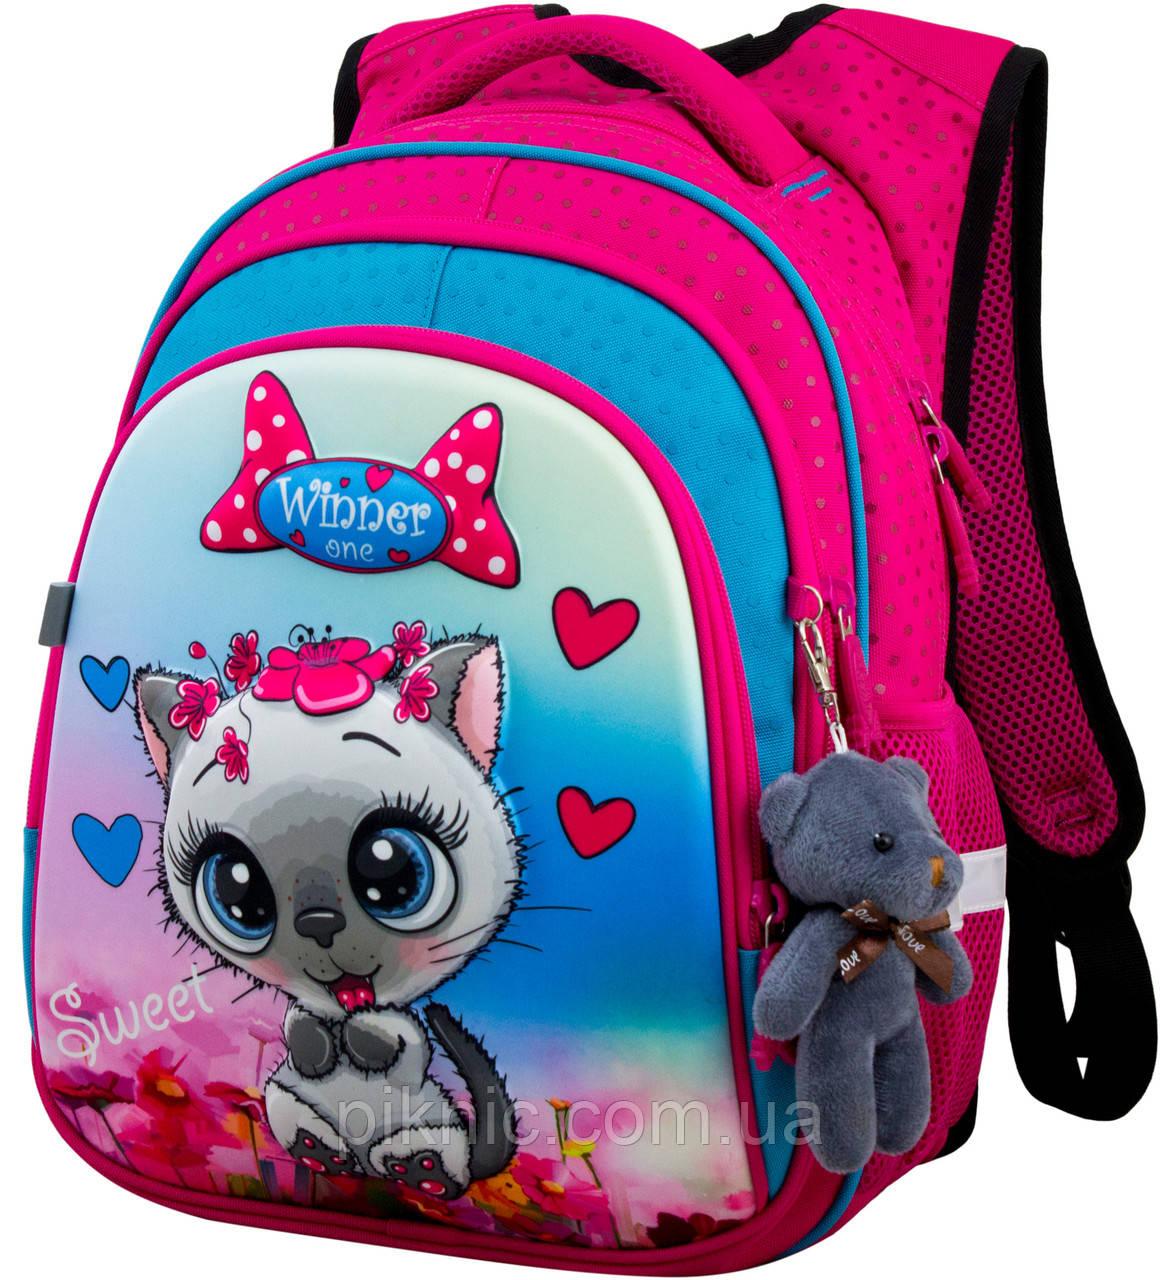 Рюкзак шкільний ортопедичний для дівчаток 1,2 клас Ранець портфель для школи Кицька Winner One R2-164